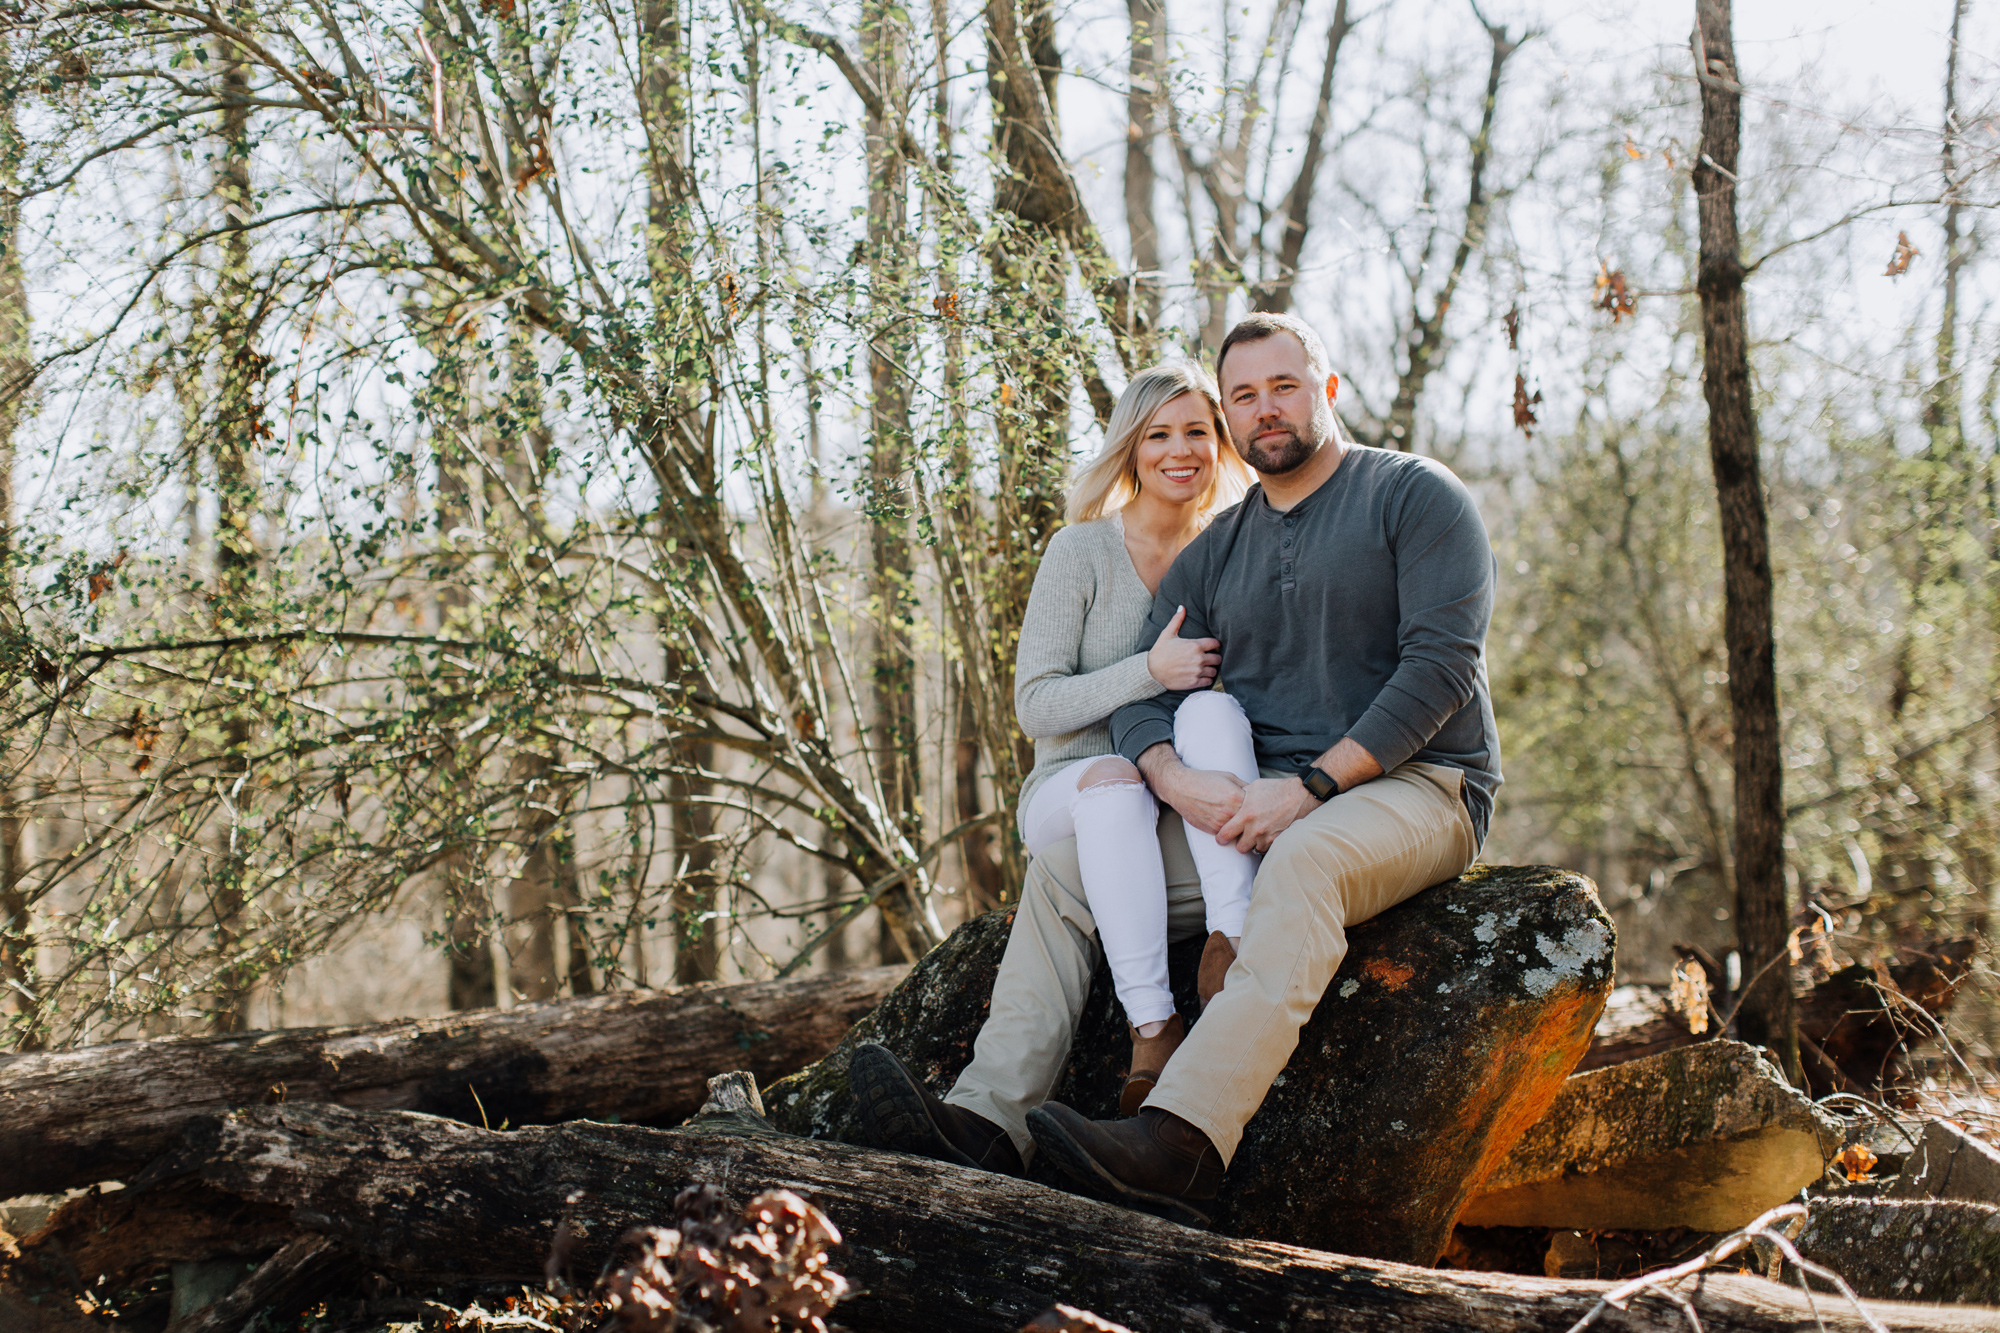 007-outdoor-winter-couple-photos.jpg